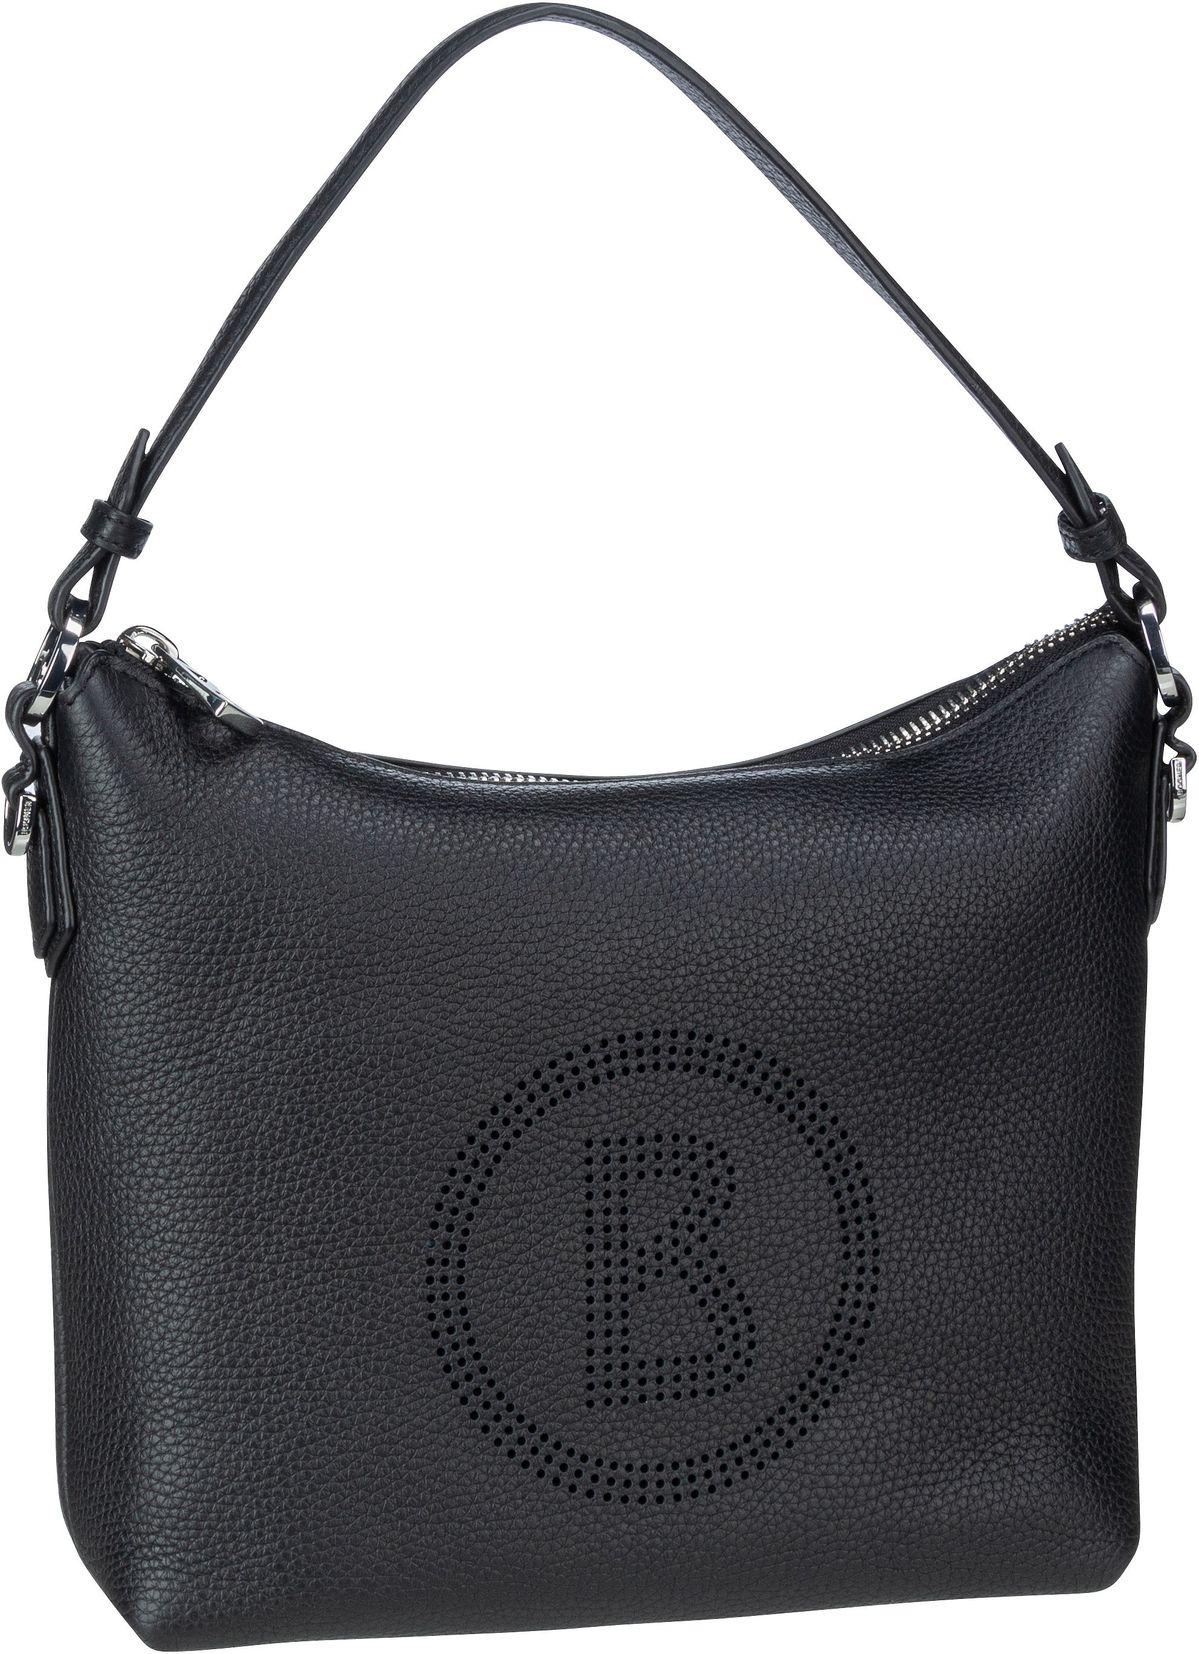 Handtasche Sulden Marie Hobo SHZ Black